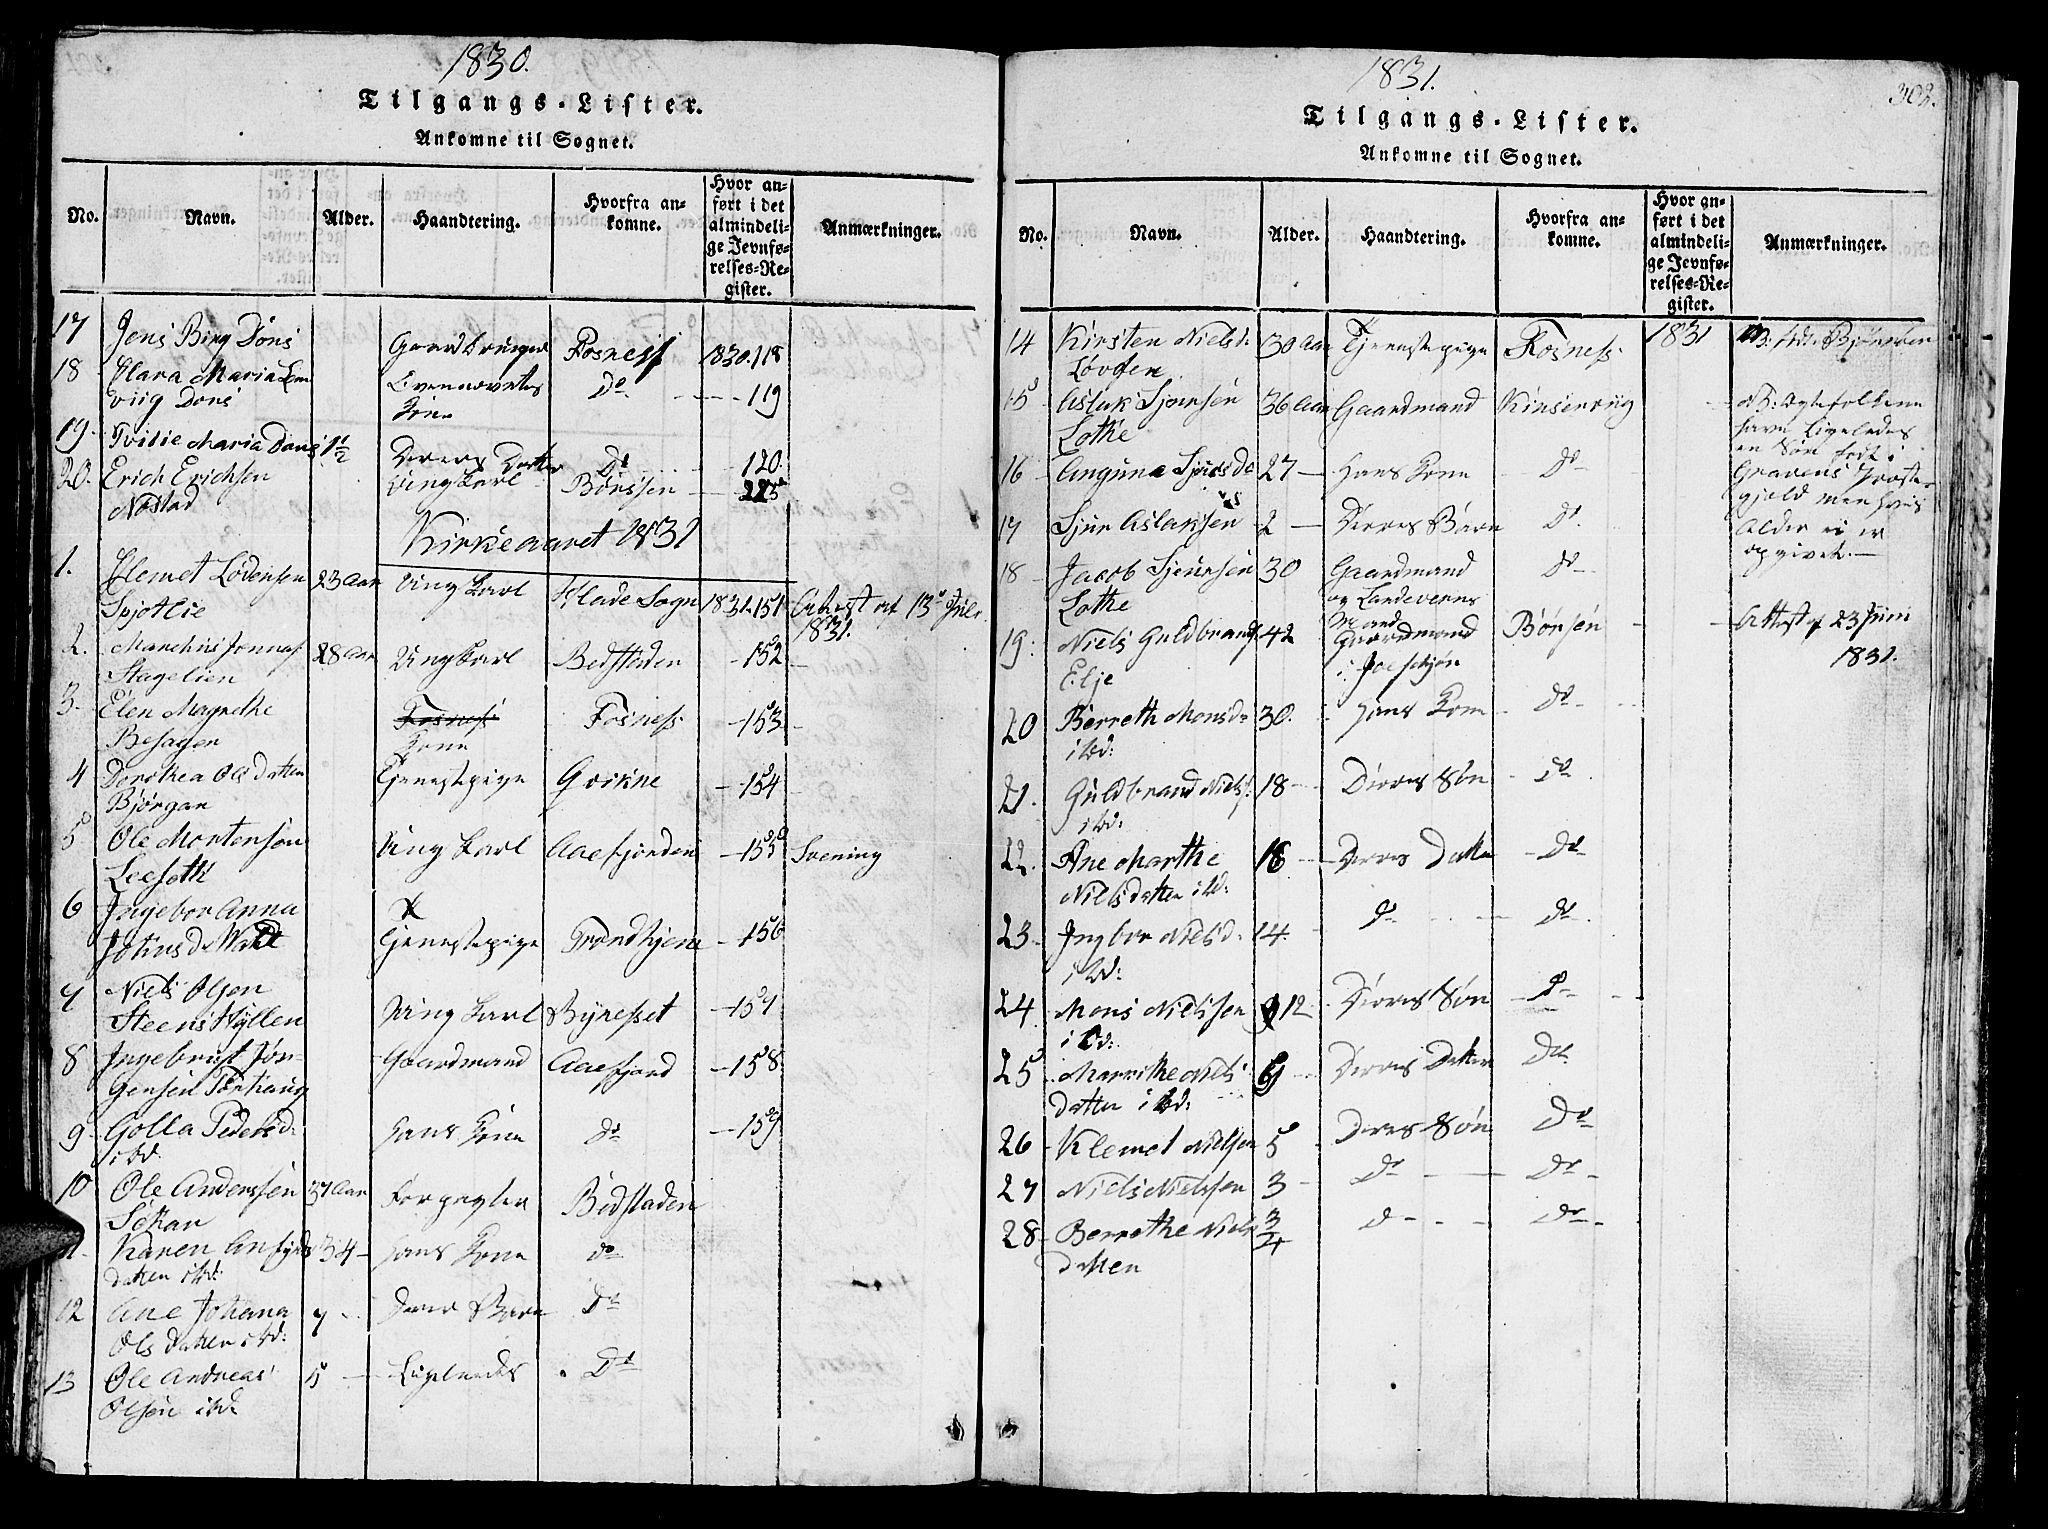 SAT, Ministerialprotokoller, klokkerbøker og fødselsregistre - Sør-Trøndelag, 657/L0714: Klokkerbok nr. 657C01, 1818-1868, s. 302